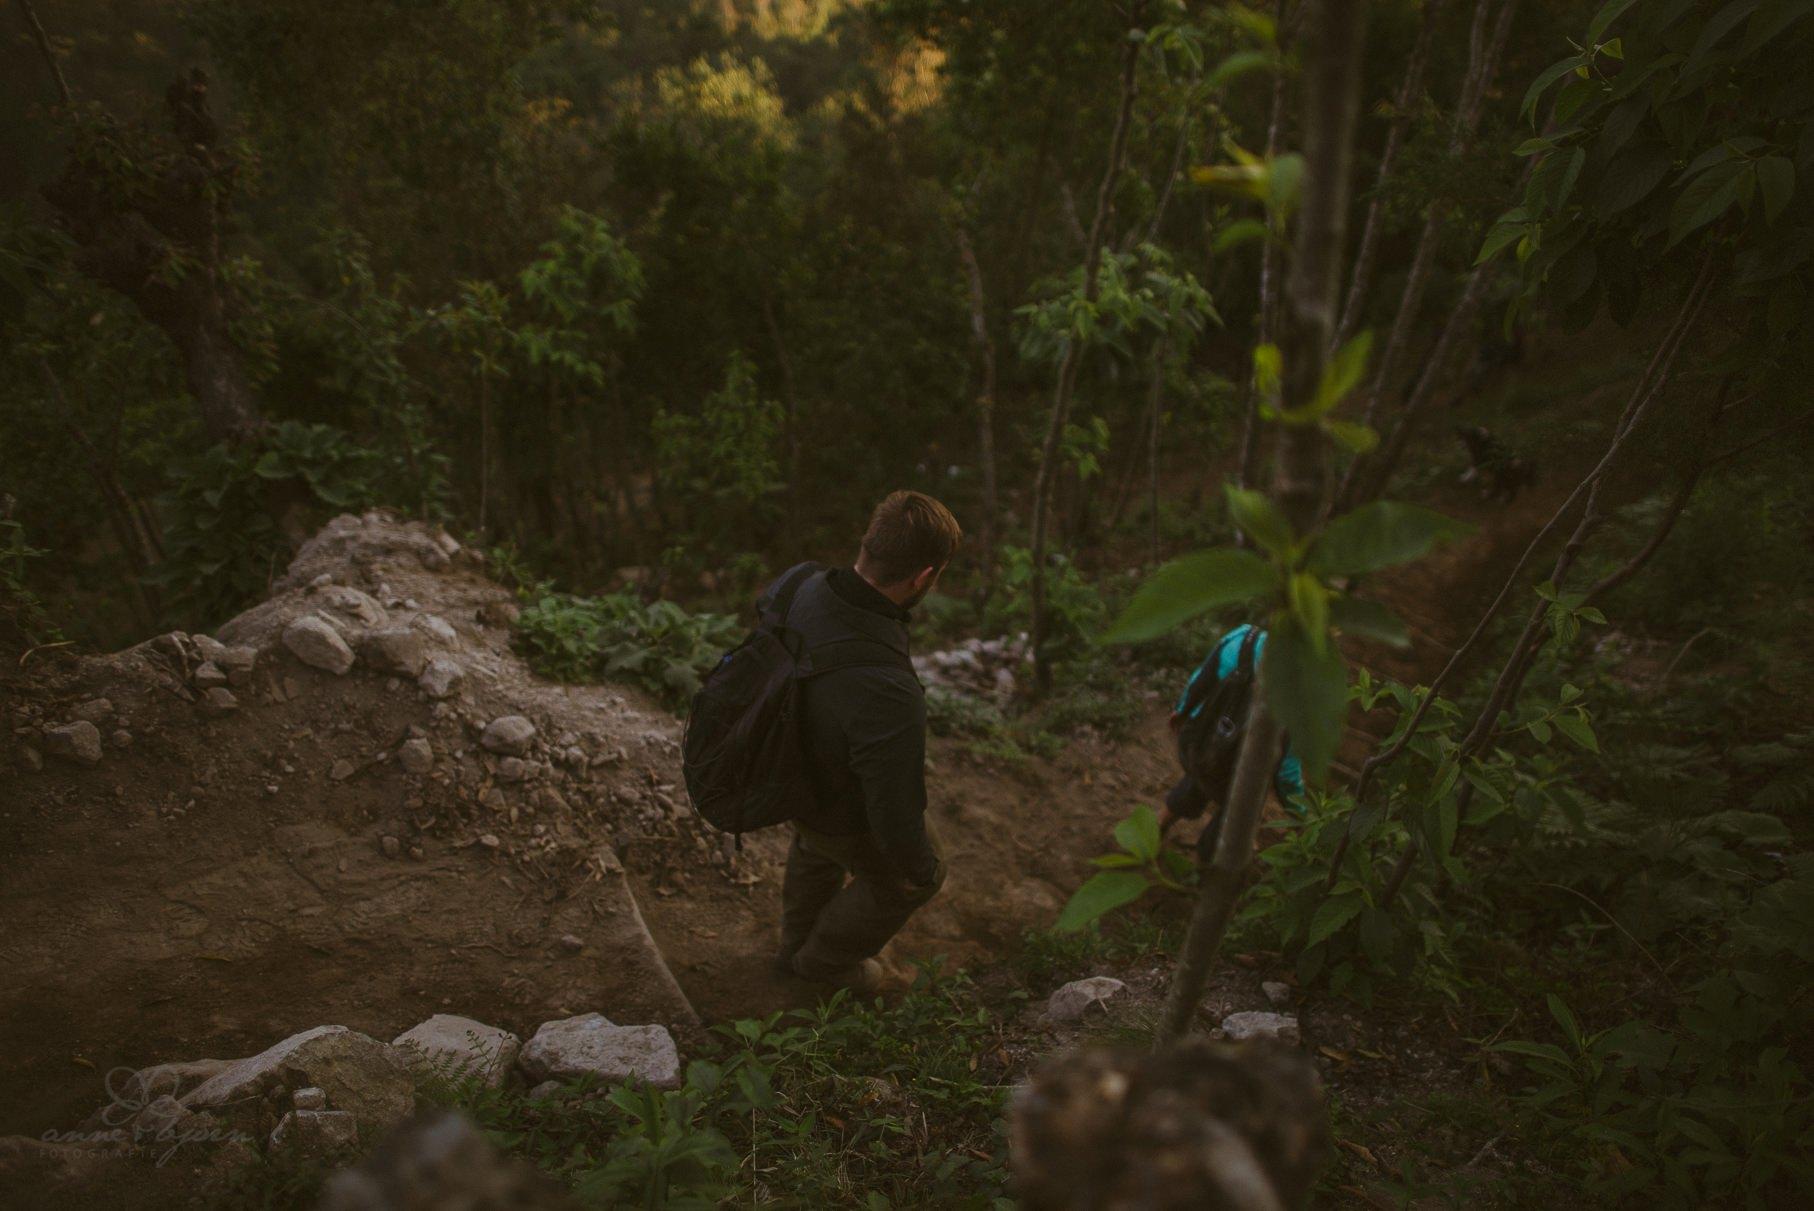 0165 anne und bjoern guatemala d75 4205 - 4 Wochen durch Guatemala - backpacking durch Mittelamerika